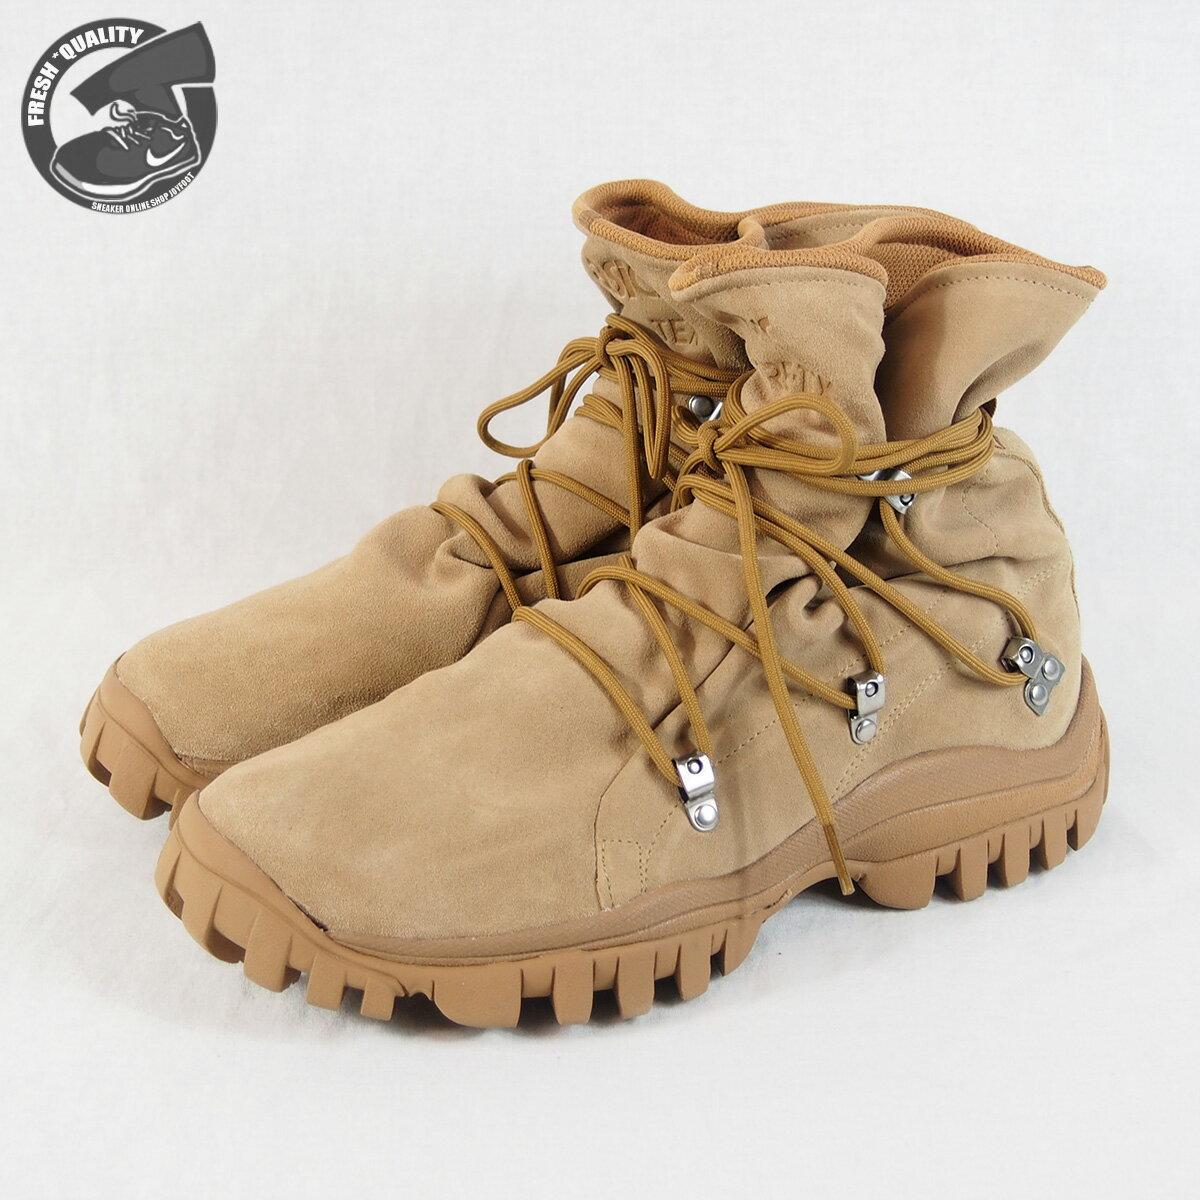 メンズ靴, スニーカー  1203a047-250 ASICS GEL-YETITOKYO HI G-TX x NONNATIVE BEIGEBEIGE x